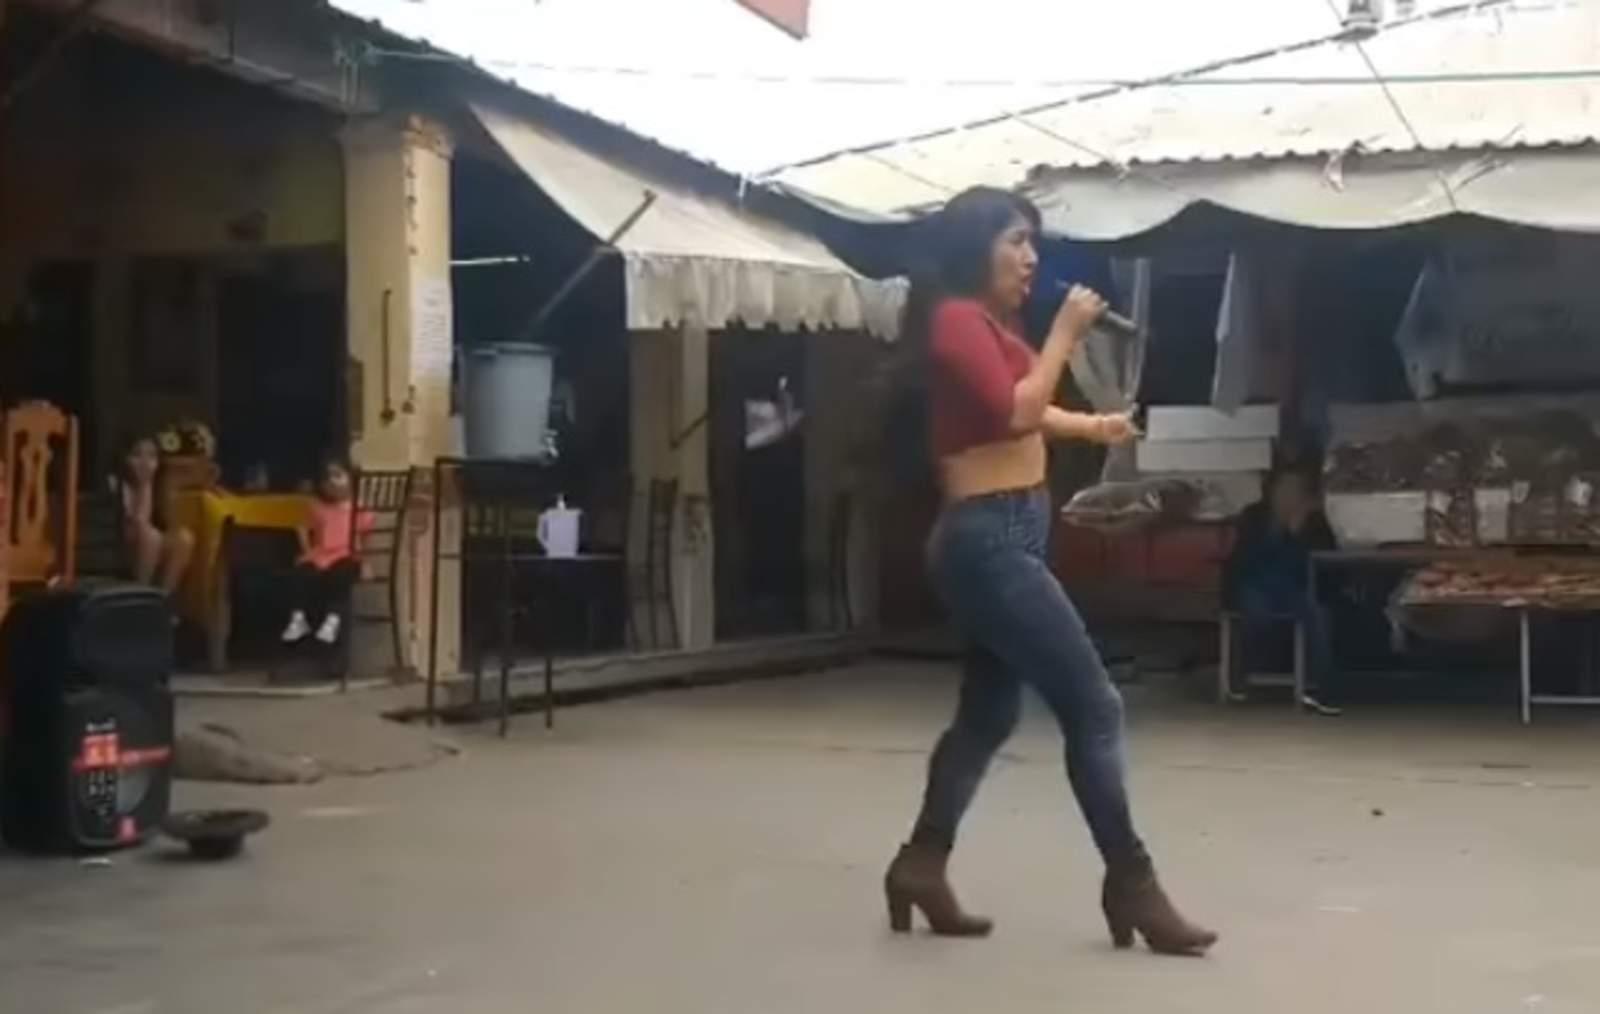 Gordita baila mientras se quita la ropa para su novio putita de san marcos coatepec - 5 3